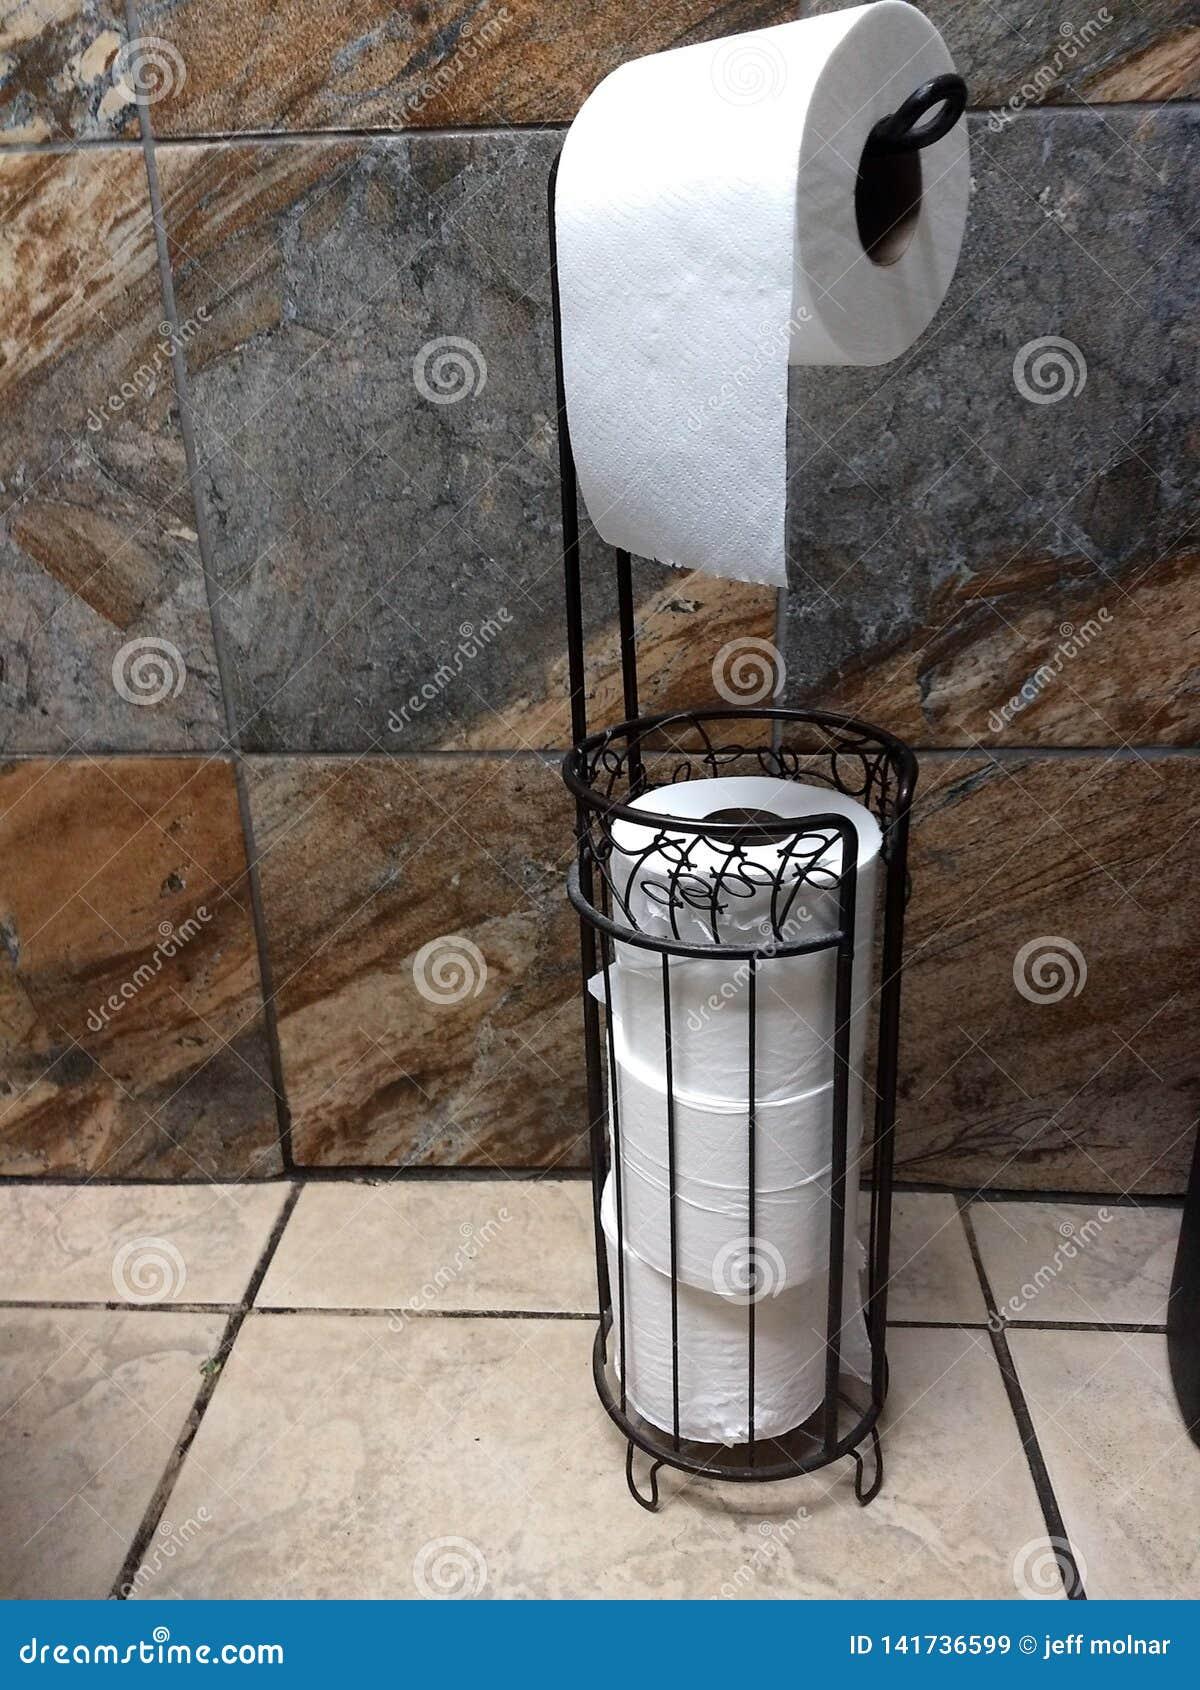 Tenedor de papel higiénico derecho que cuelga para rodar imagen de fondo adicional de hogar del cuarto de baño del restaurante de